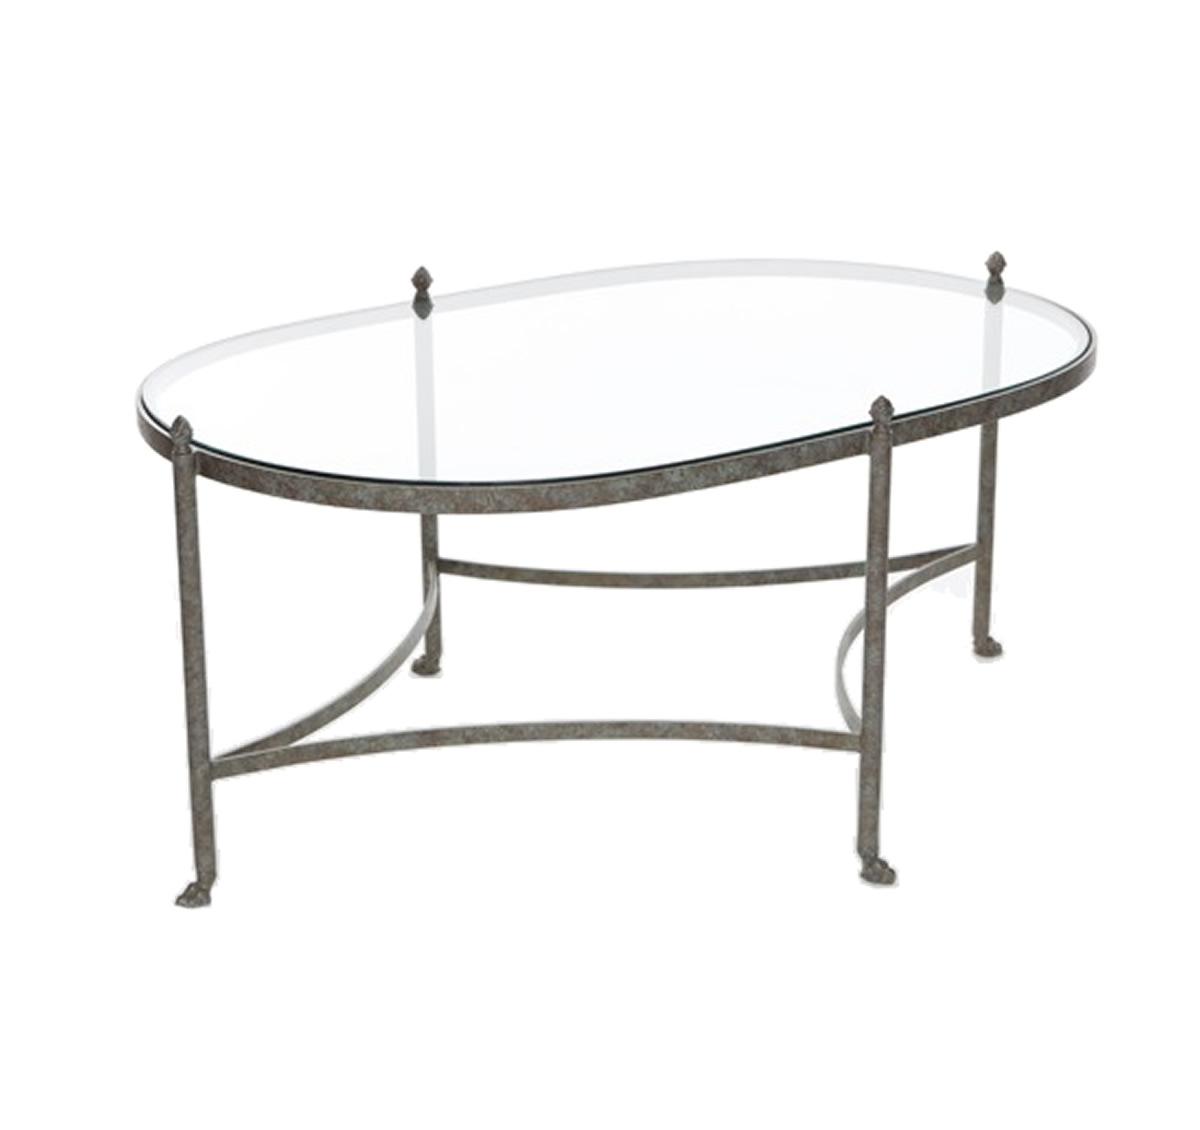 Kellogg Oval Cocktail Table The Kellogg Collection